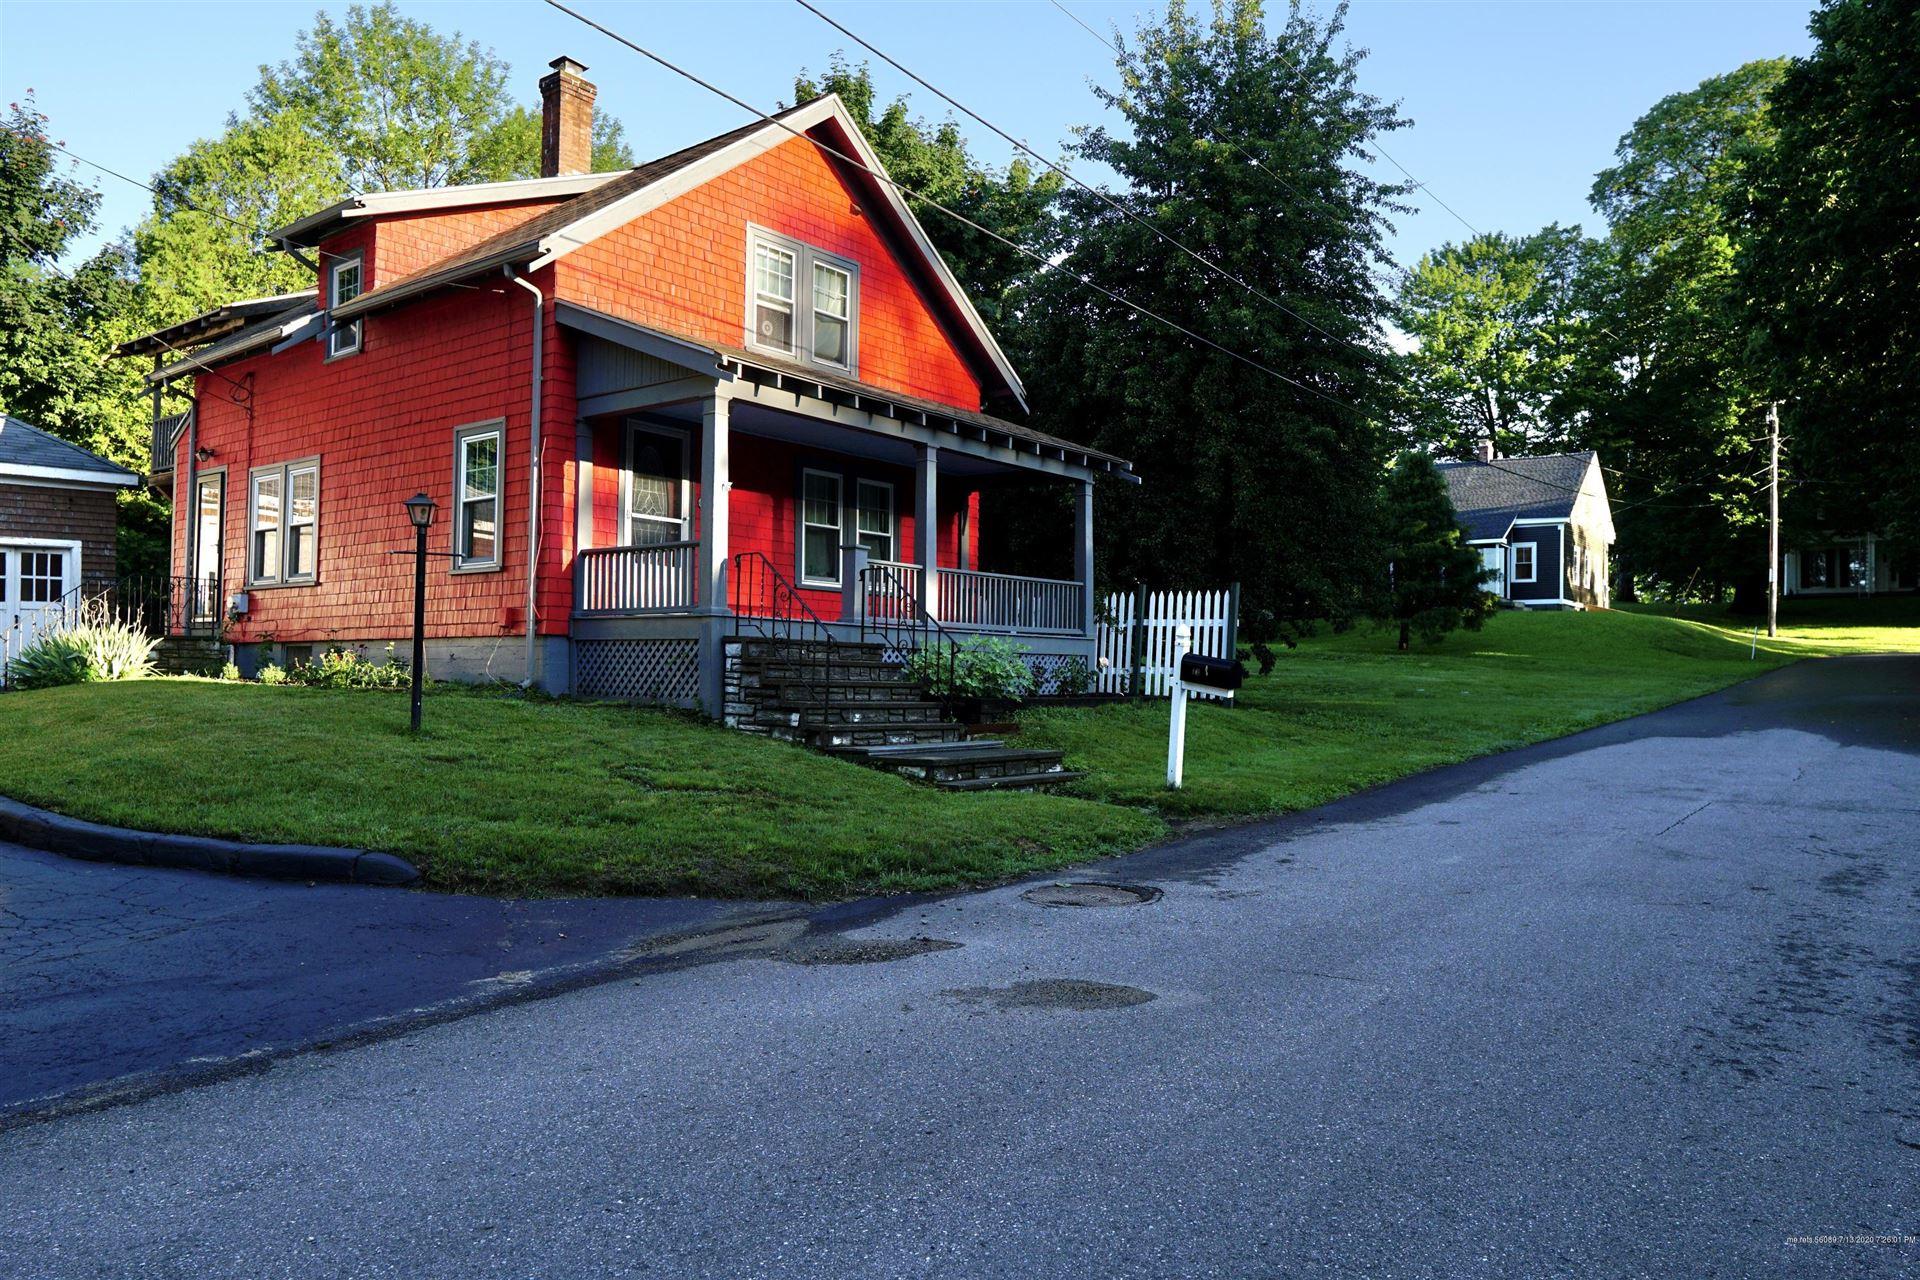 Photo of 12 Elm Street, Thomaston, ME 04861 (MLS # 1460034)